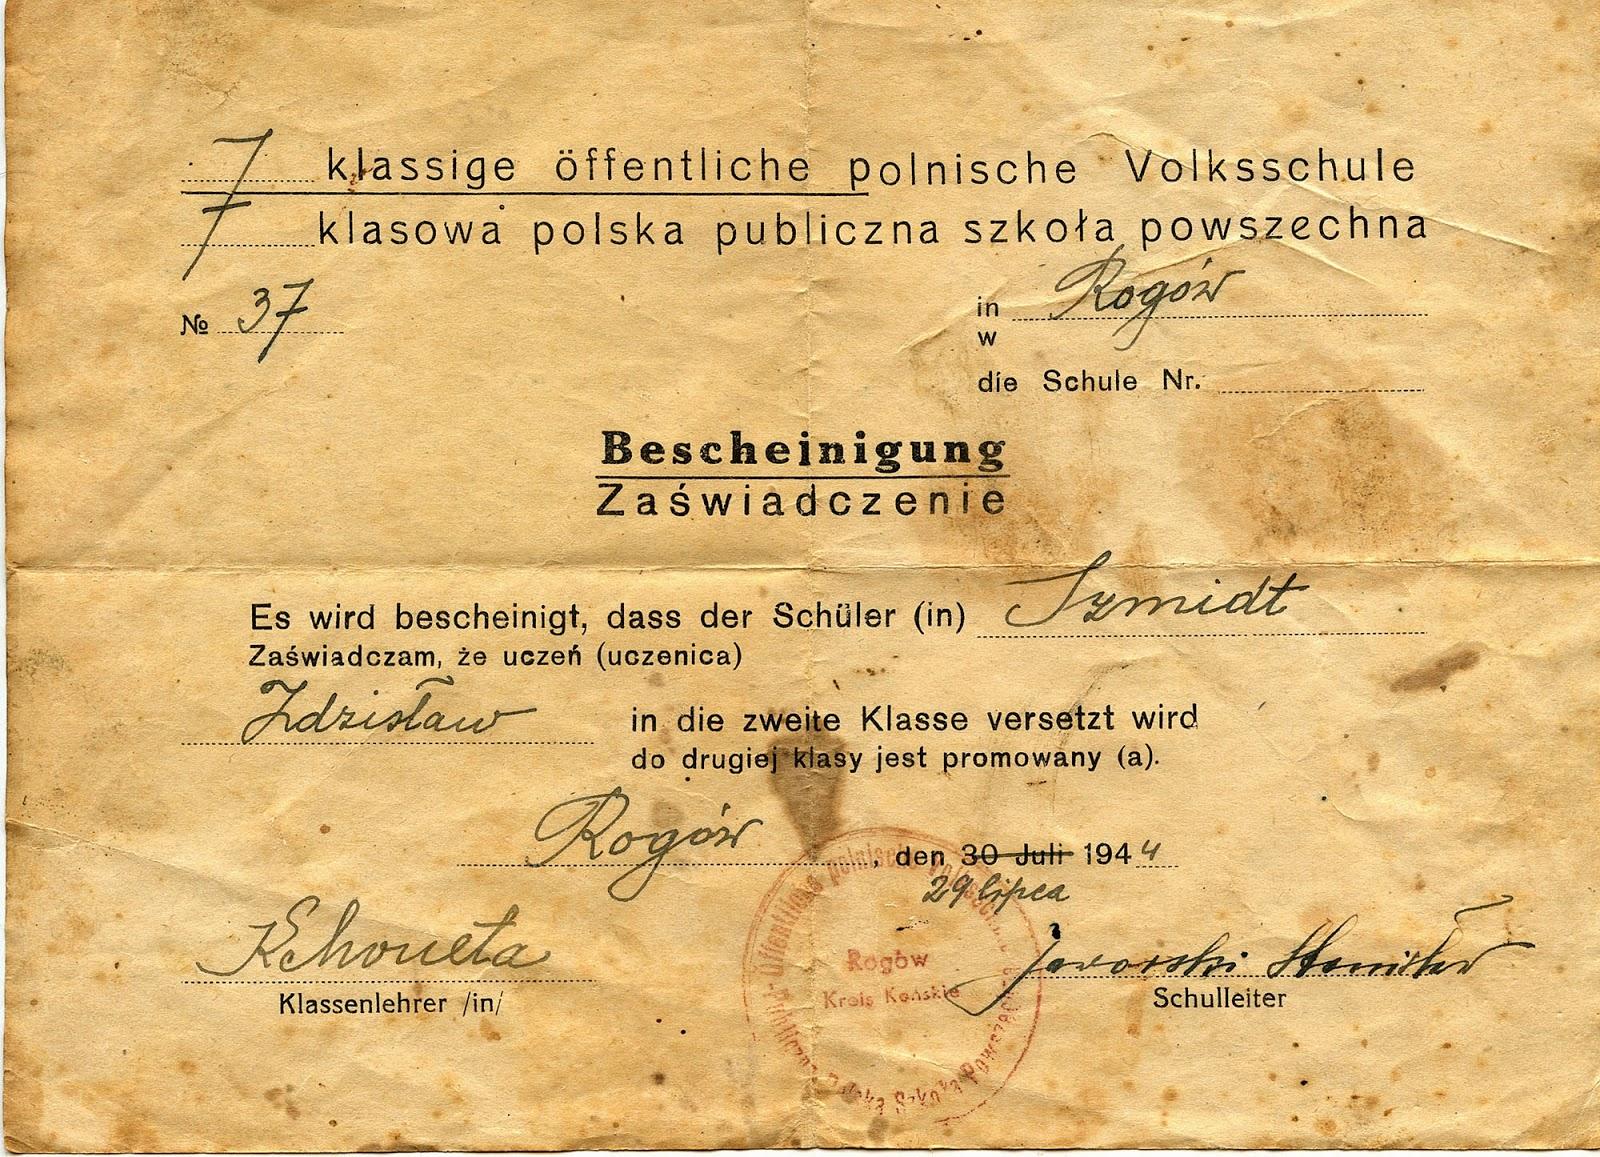 7 klasowa polska publiczna szkoła powszechna w Rogowie. Zaświadczenie o uzyskaniu promocji do drugiej klasy… Dokument z 27 lipca 1944 r. Dokument odszukał i udostępnił Marek Kozerawski.